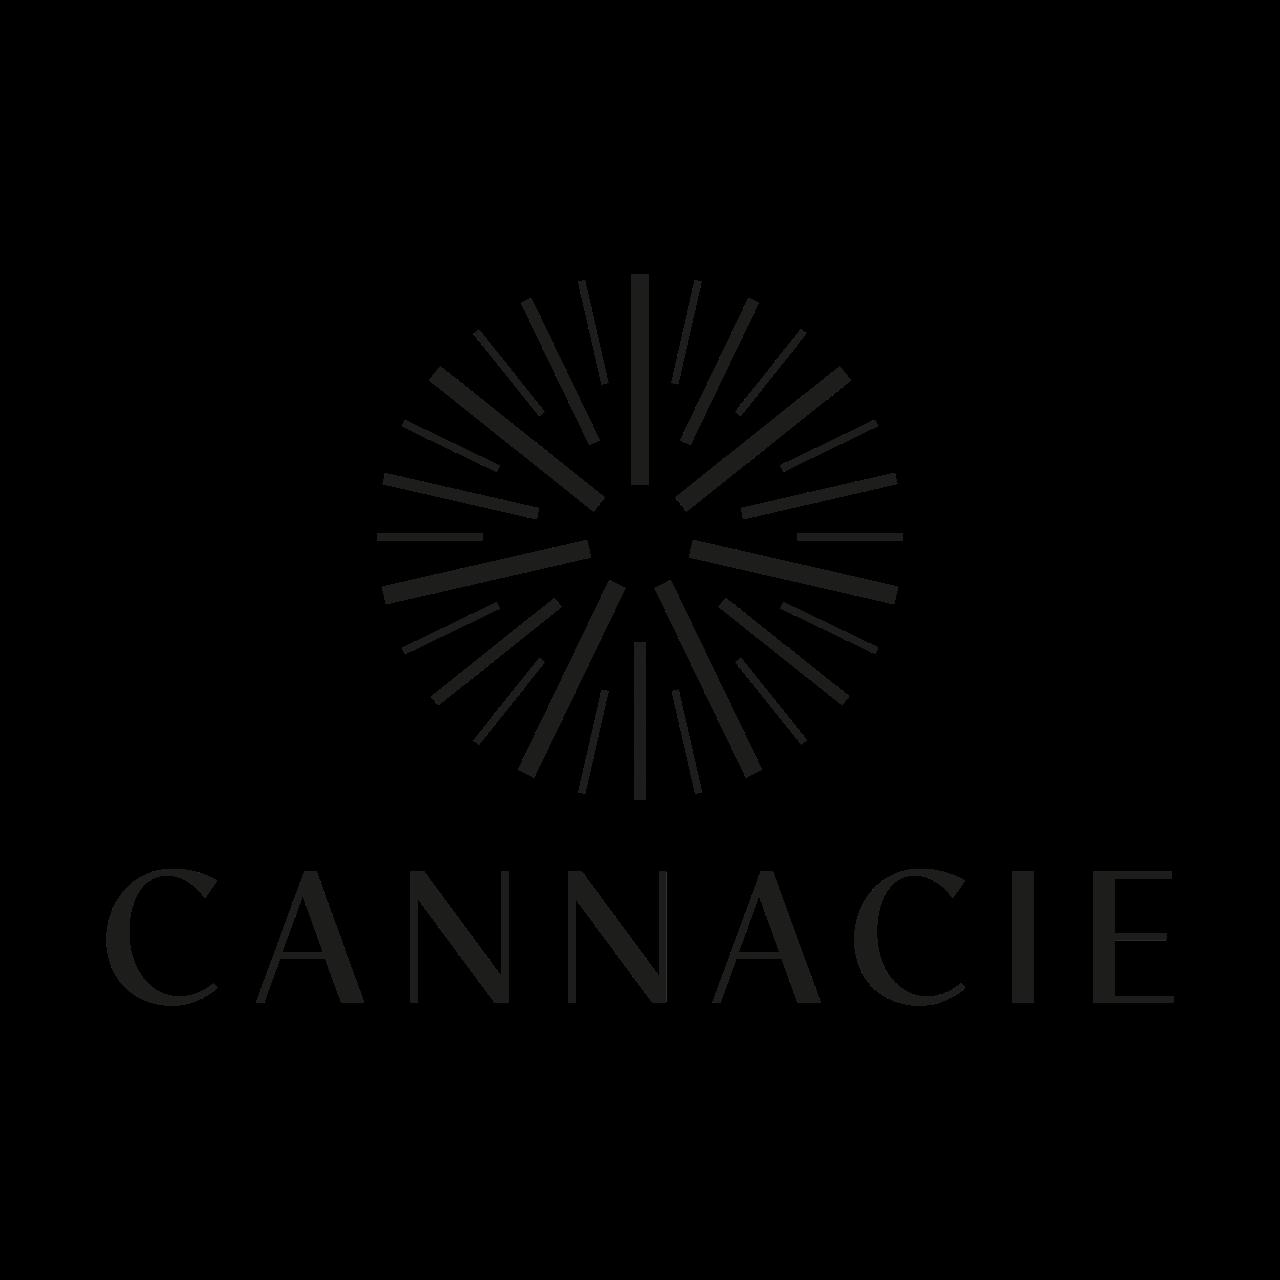 Cannacie